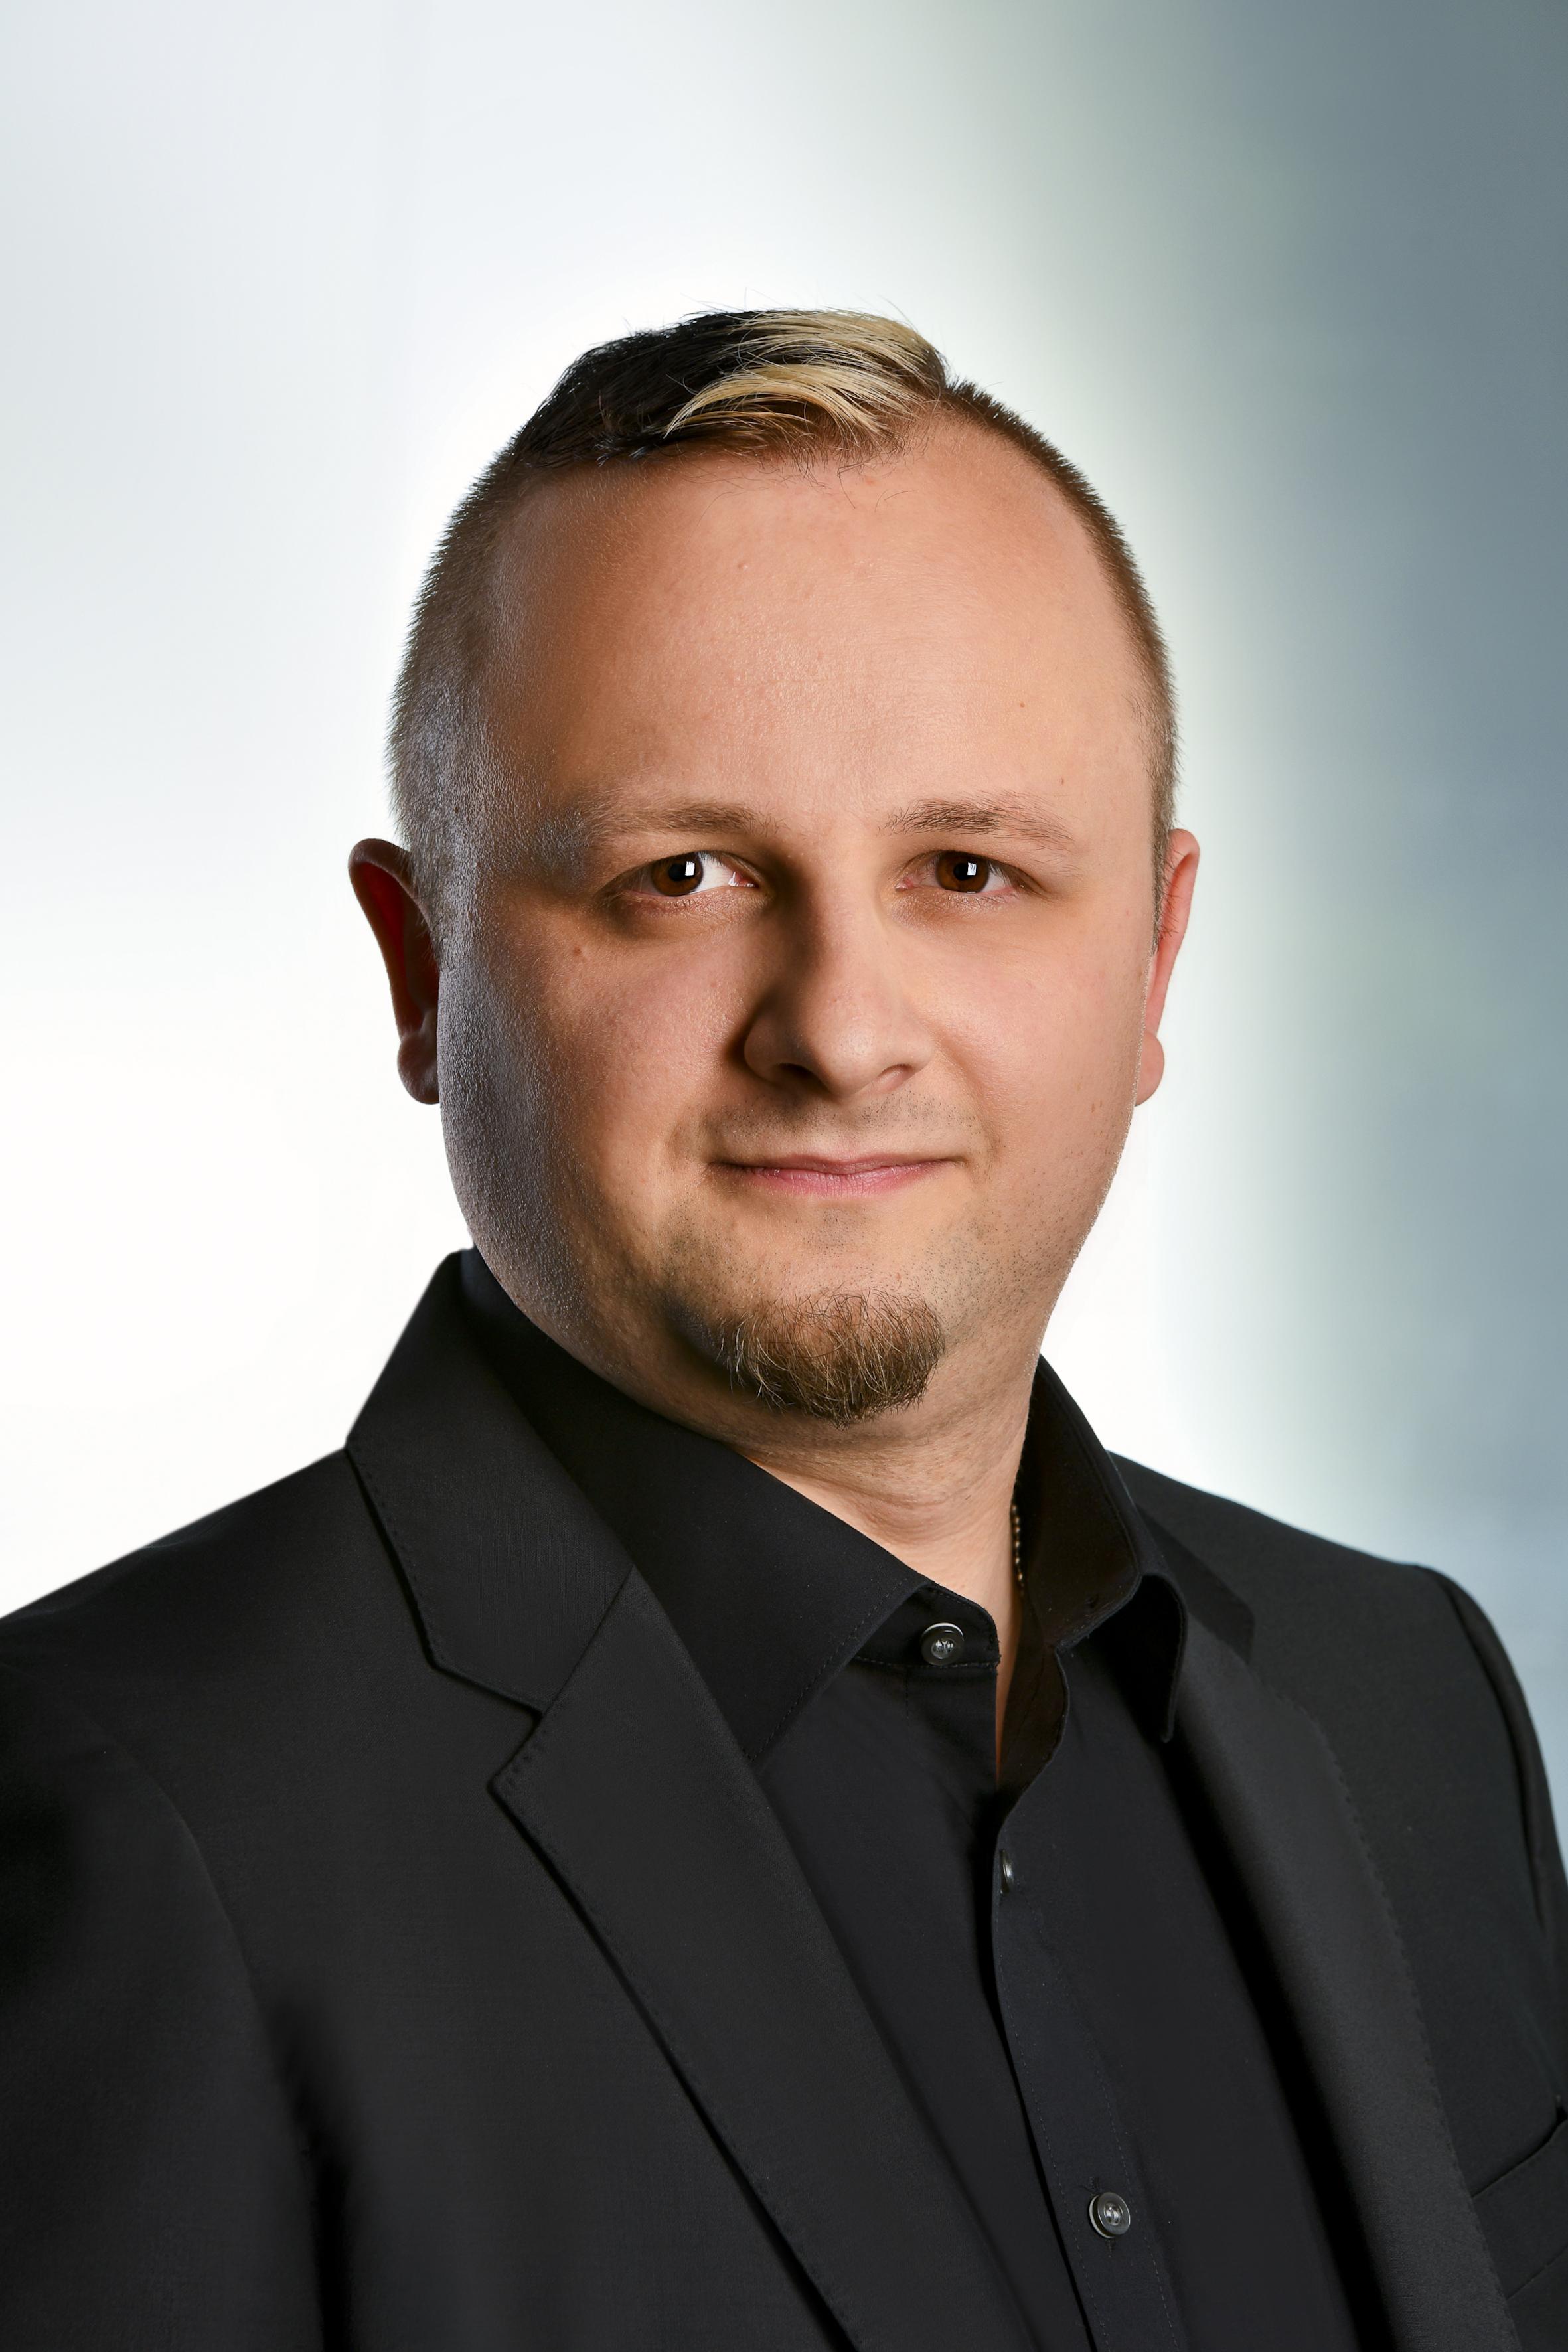 Kaspersky face echipă cu un designer de bijuterii pentru a proteja datele biometrice în lumea digitală